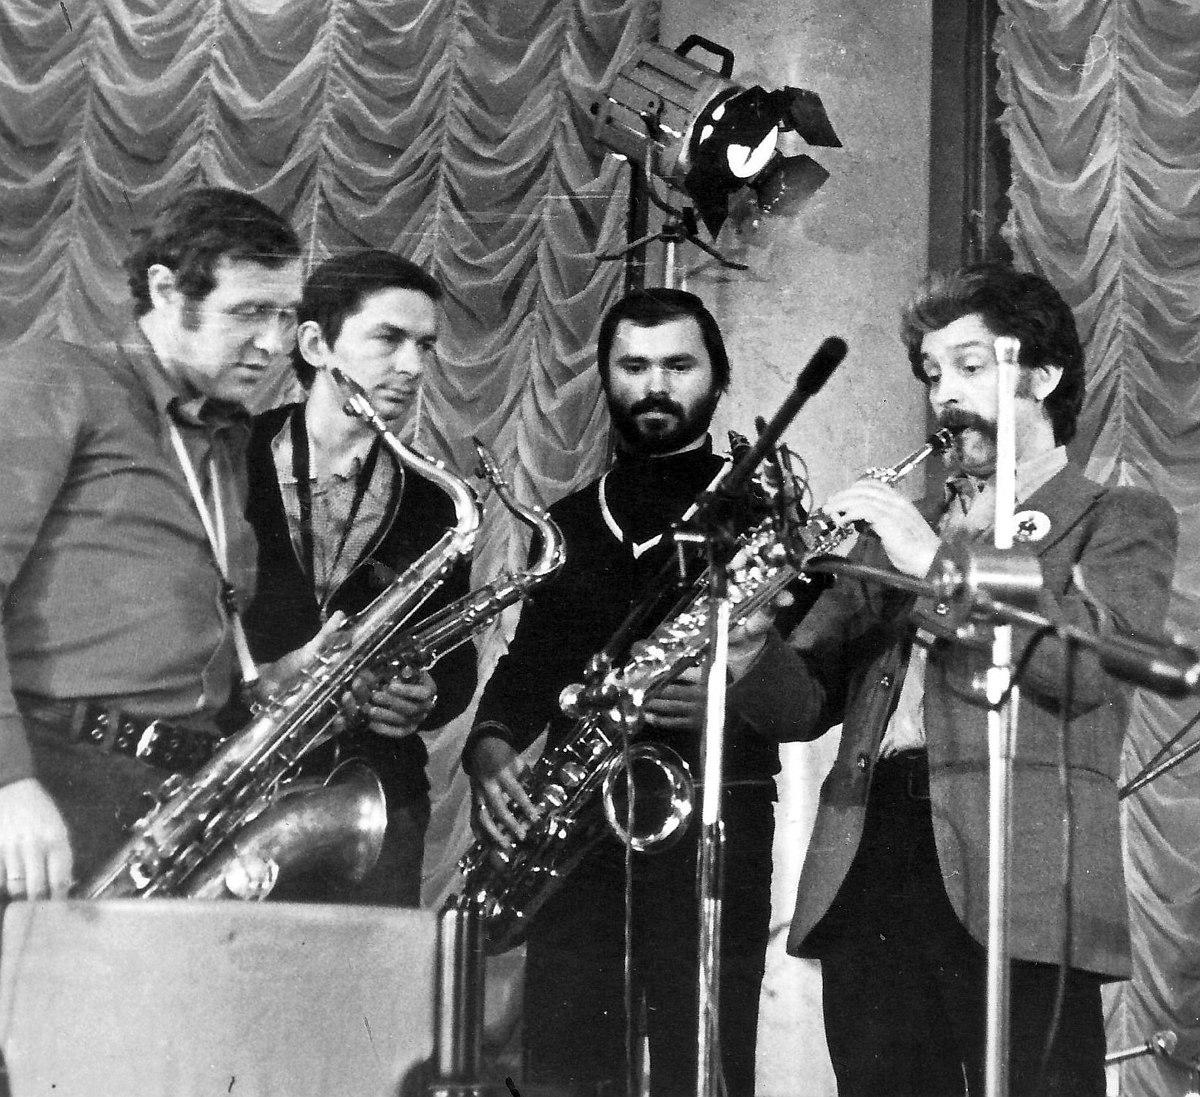 1979, ДК Медиков: Виталий Клейнот, Александр Родионов, Сергей Гурбелошвили, Алексей Зубов